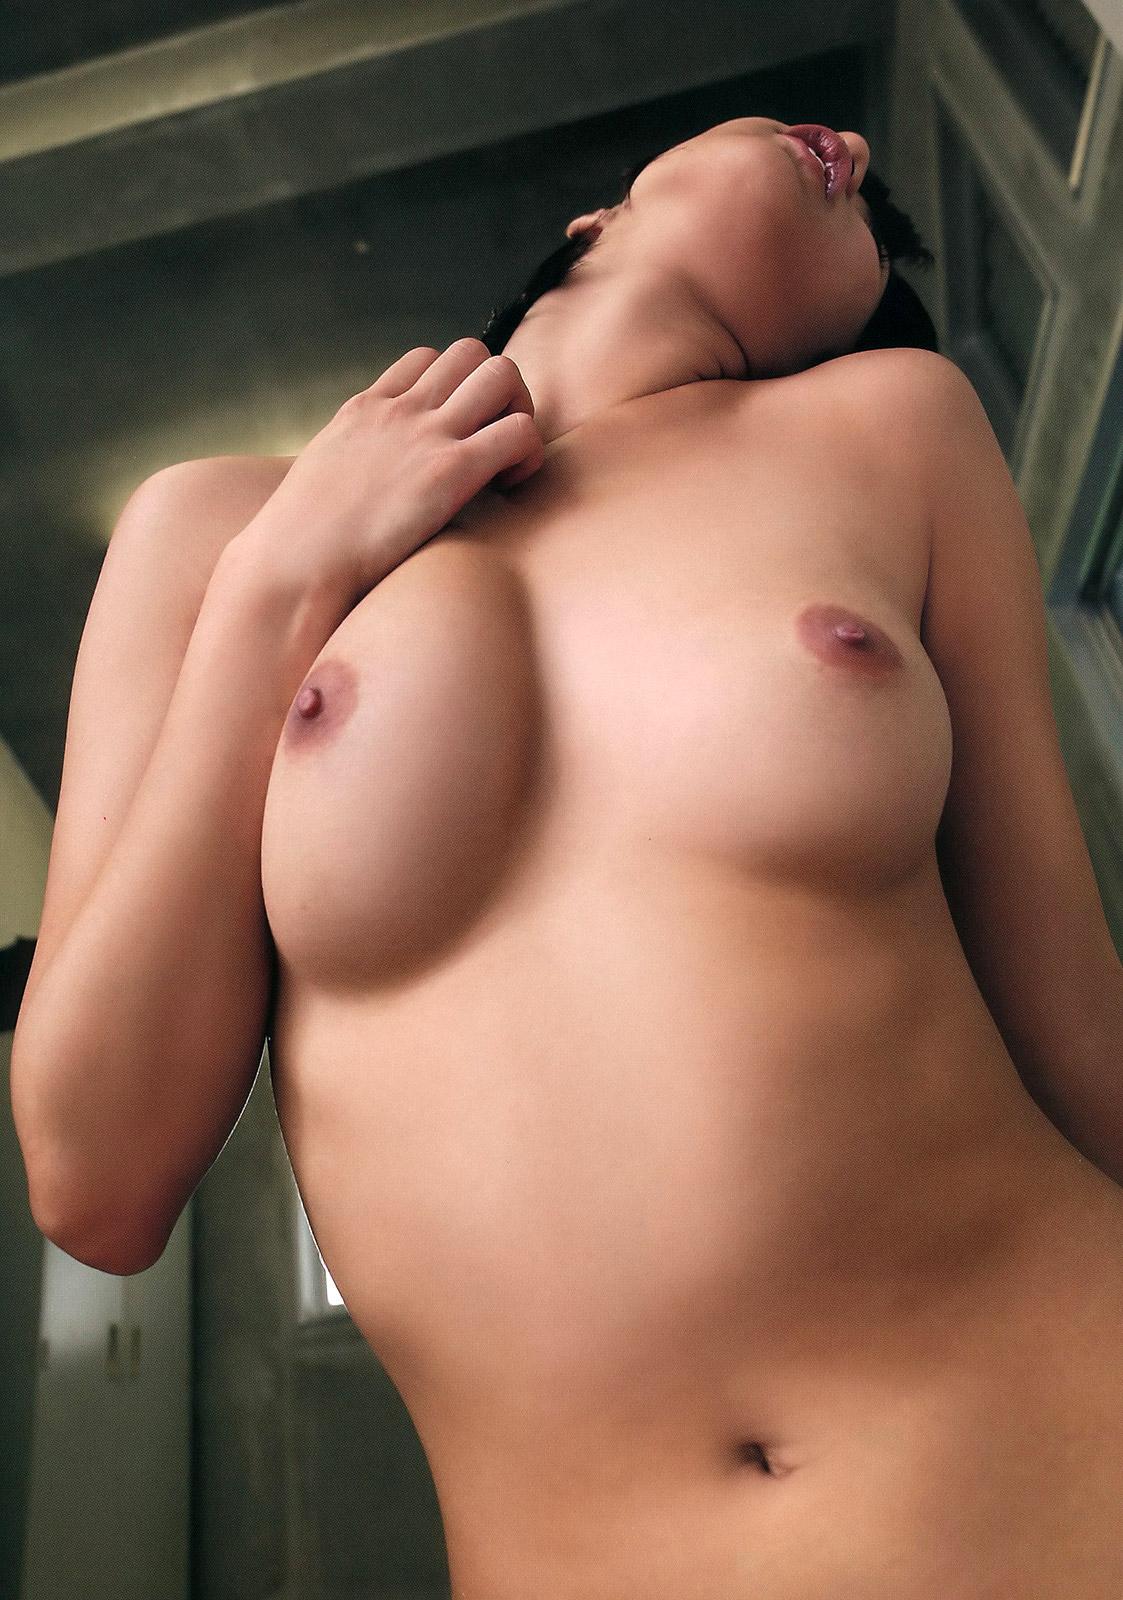 三次元 3次元 エロ画像 AV女優 湊莉久 ヌード べっぴん娘通信 008